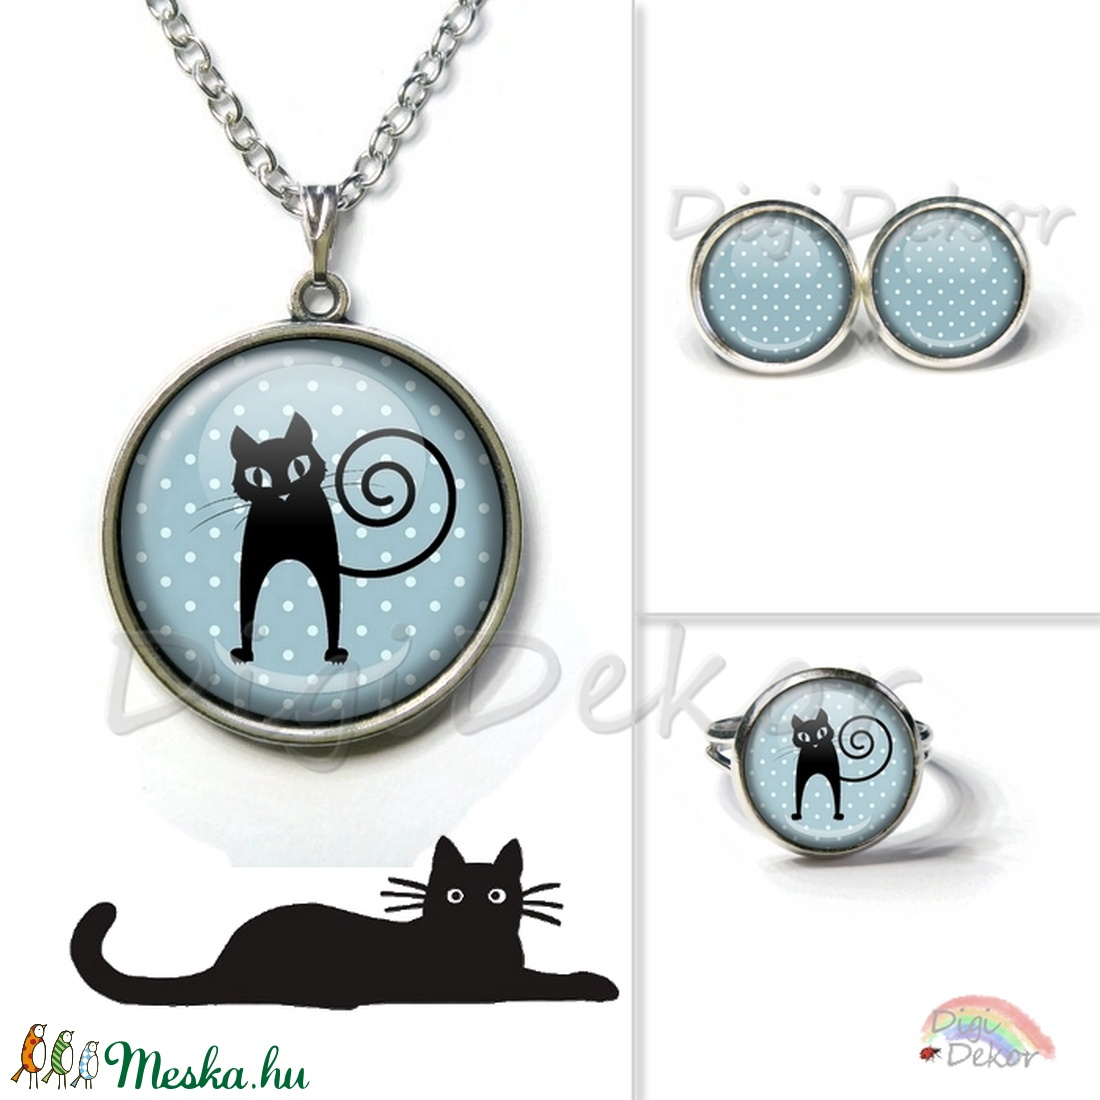 33a53a2051 Cica sziluettes, kék pettyes nyaklánc, cicás medál, macskás ékszerszett,  pöttyös ékszer, fekete macska